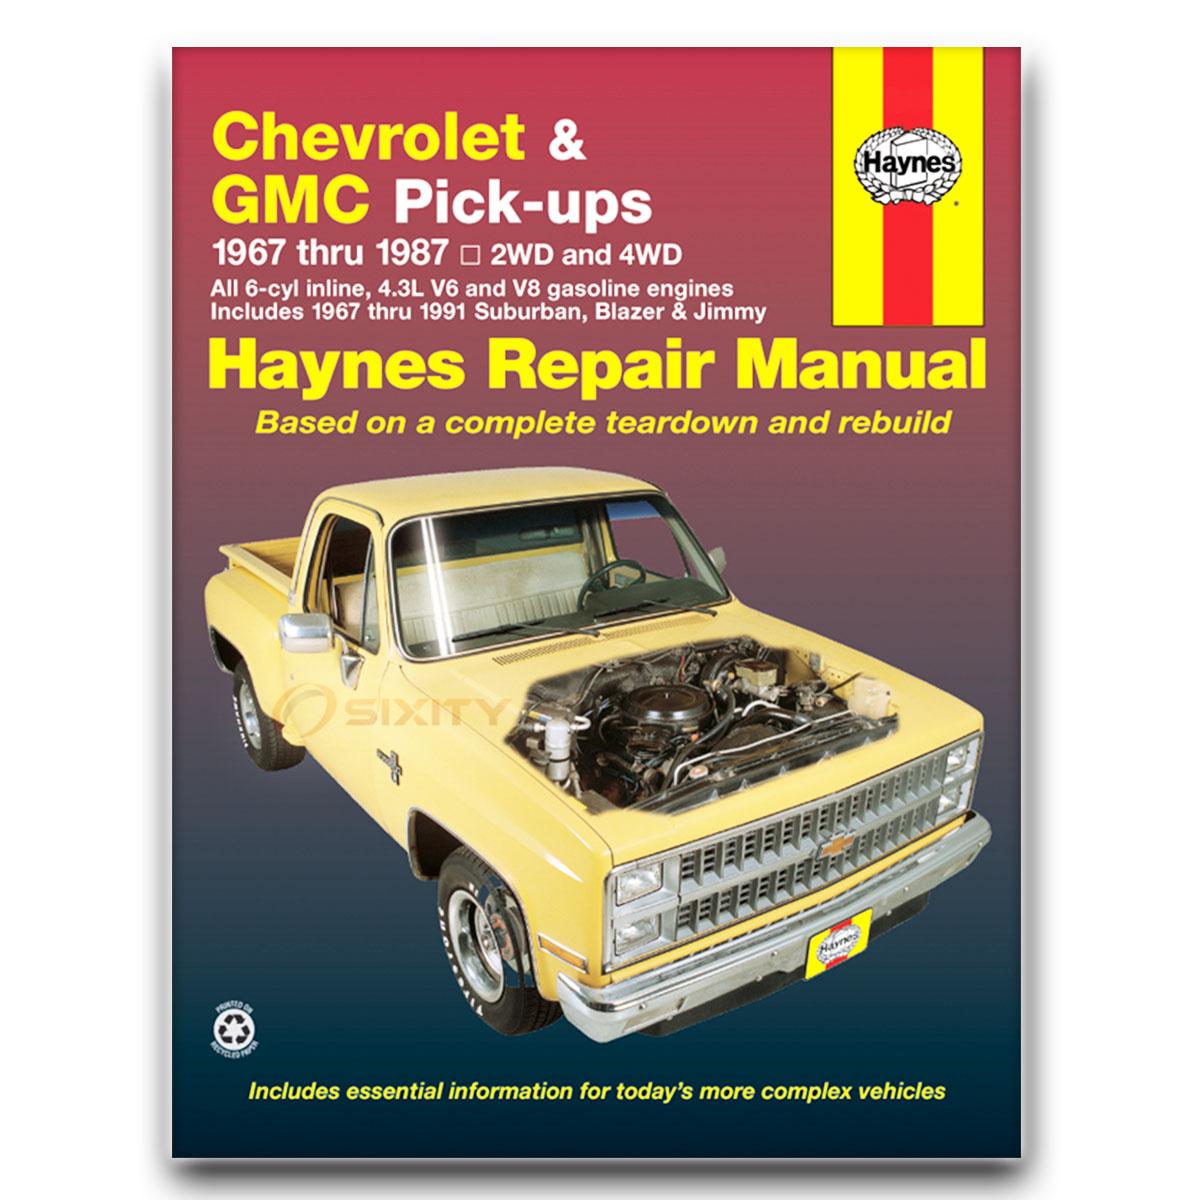 Haynes Repair Manual For 1967-1974 Chevrolet C10 Pickup